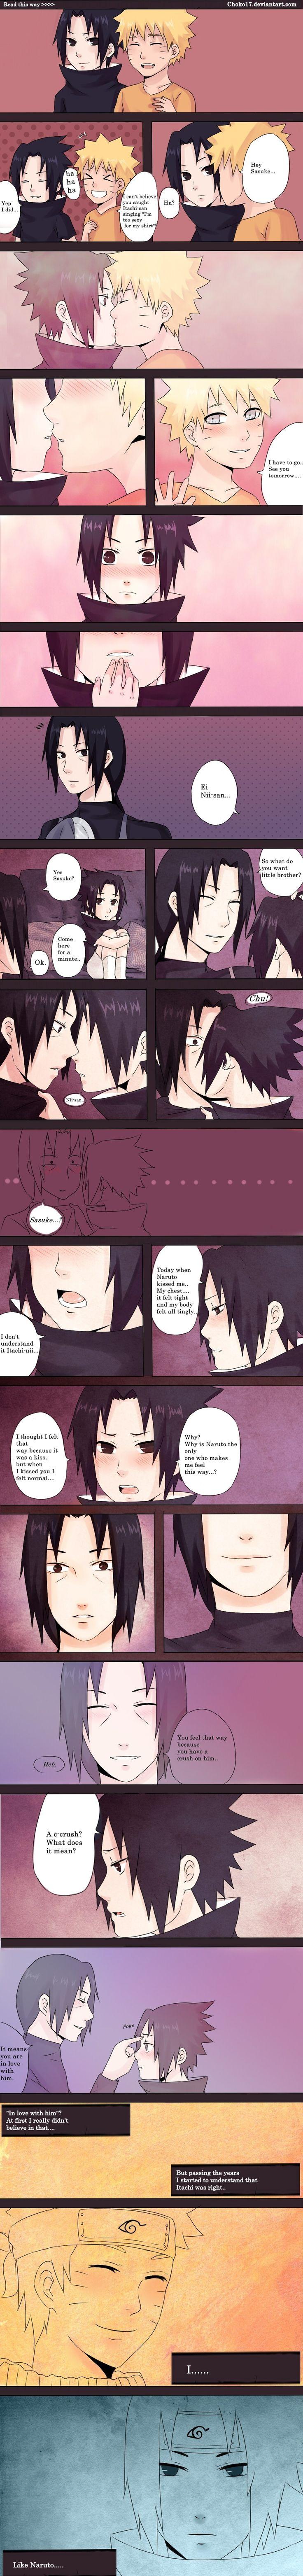 Naruto ~ SasuNaru Sasuke Uchiha x Naruto Uzumaki